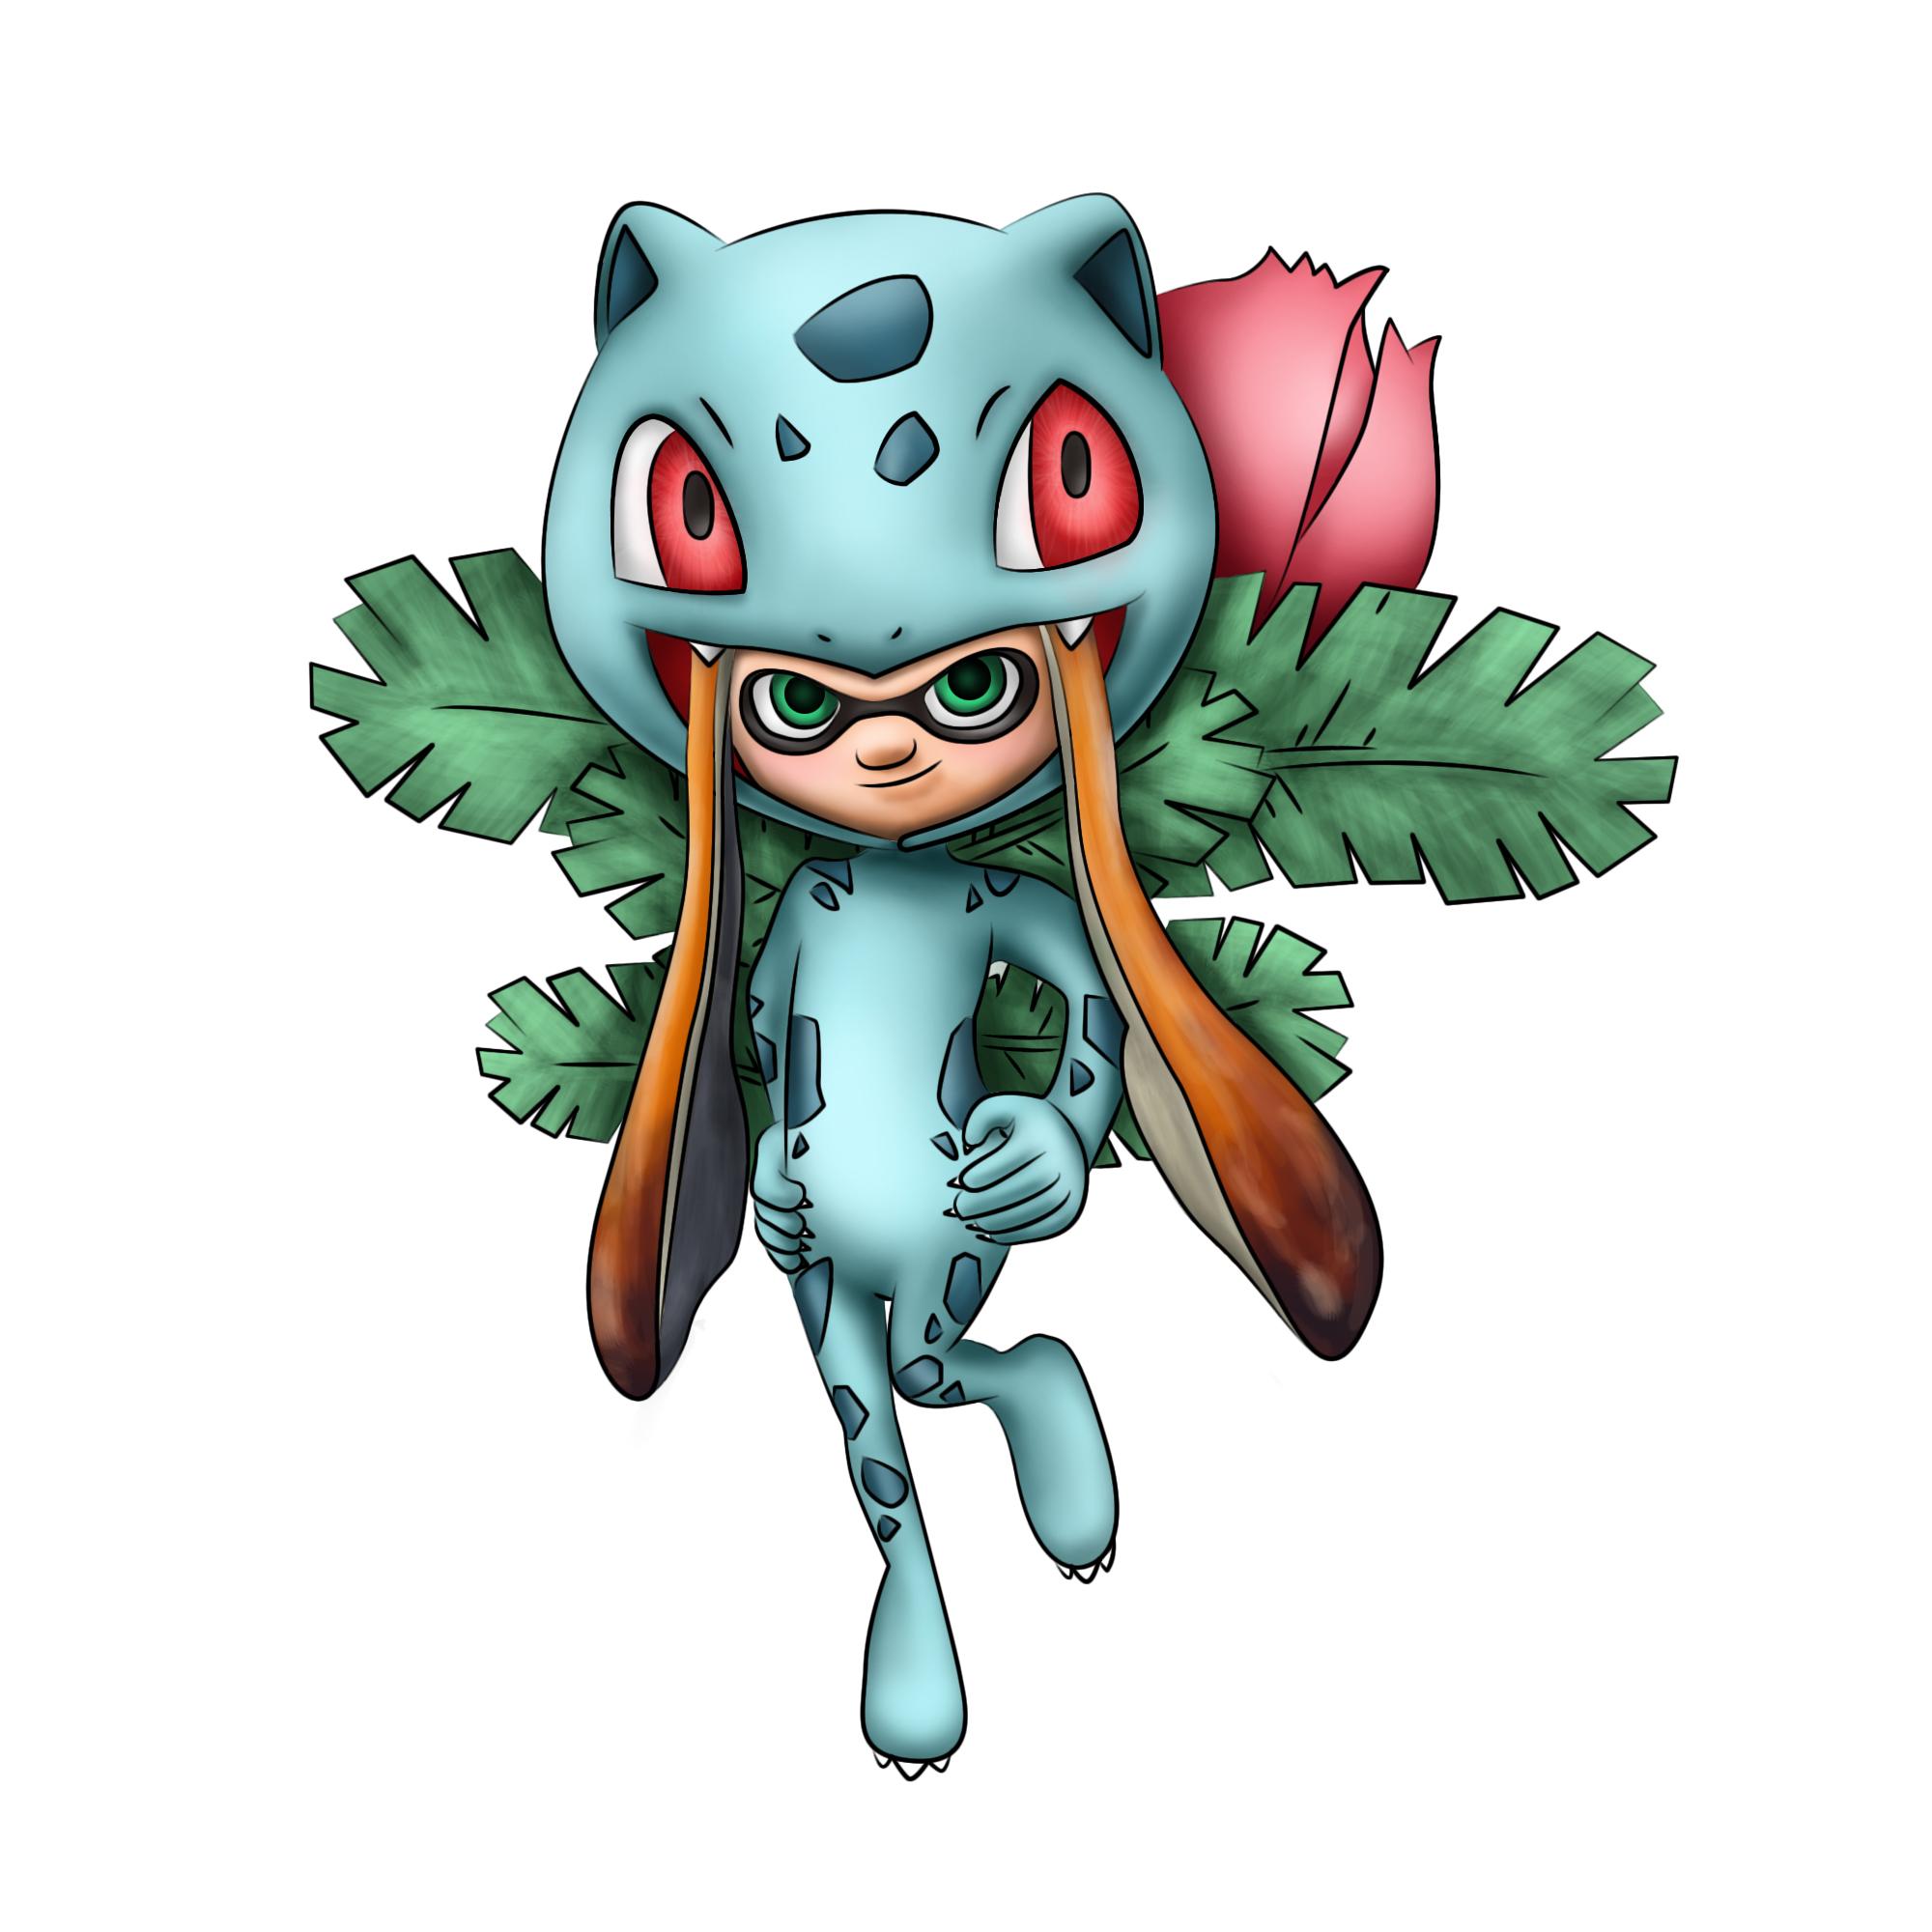 rgb_pokemoncostumenintendo_09